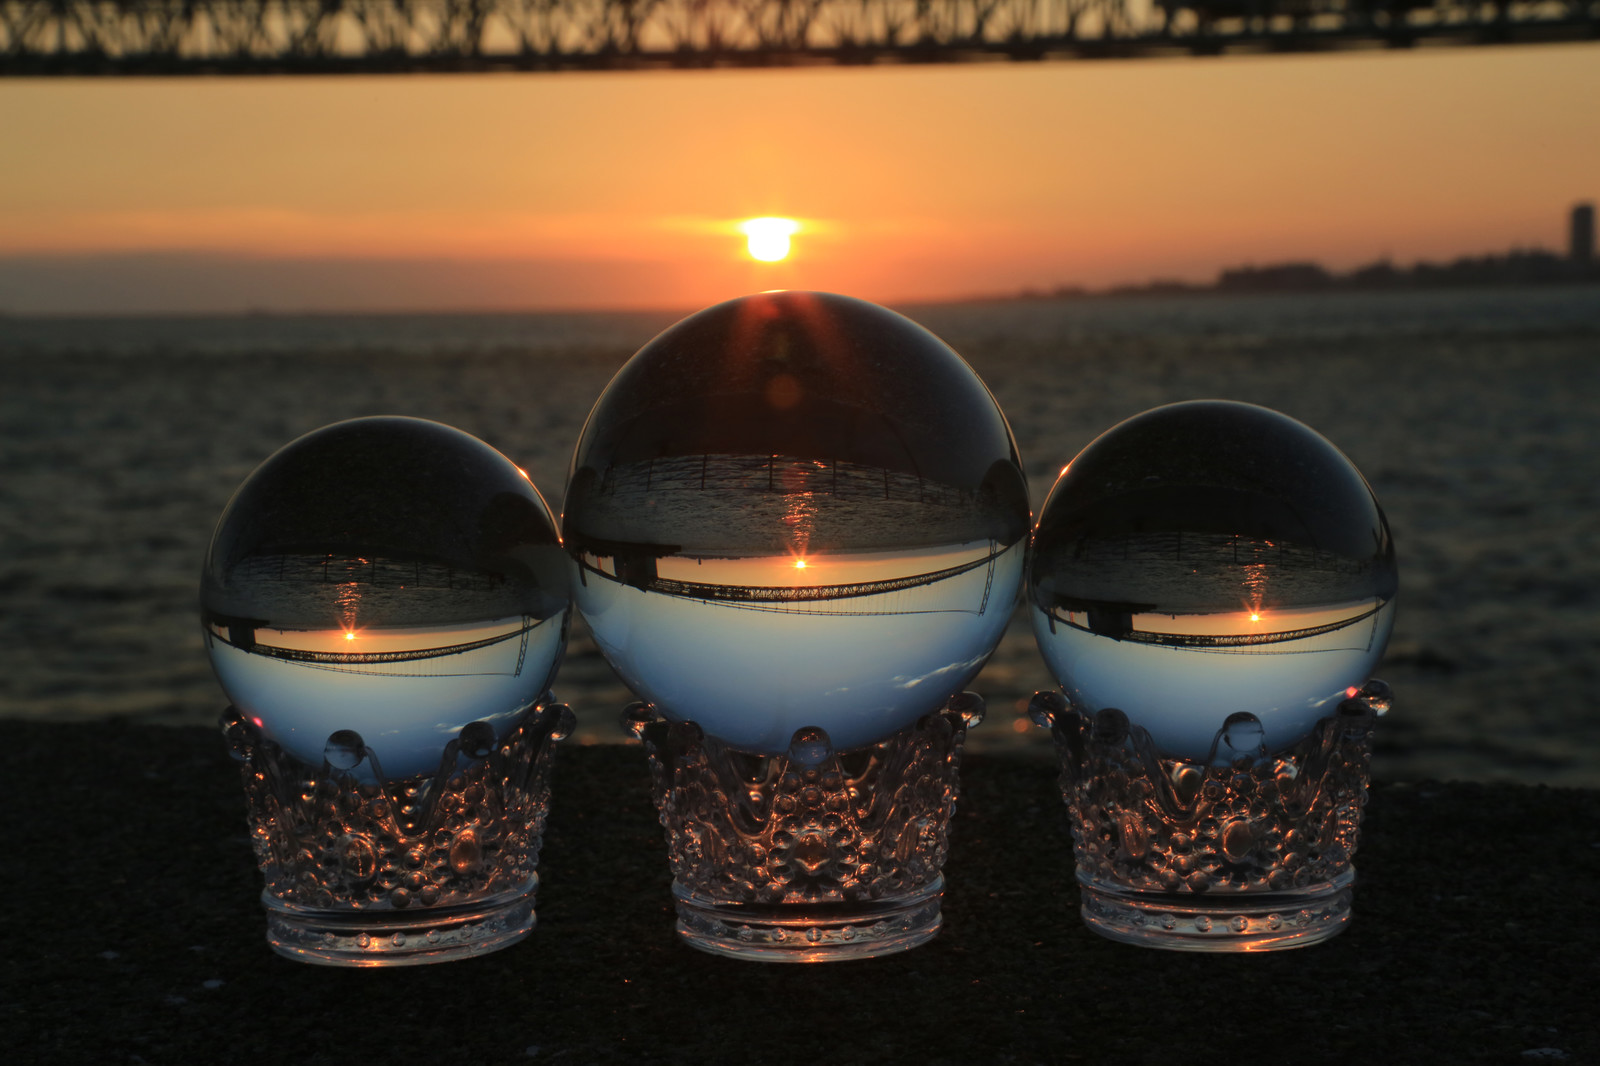 「沈む夕日と水晶玉」の写真